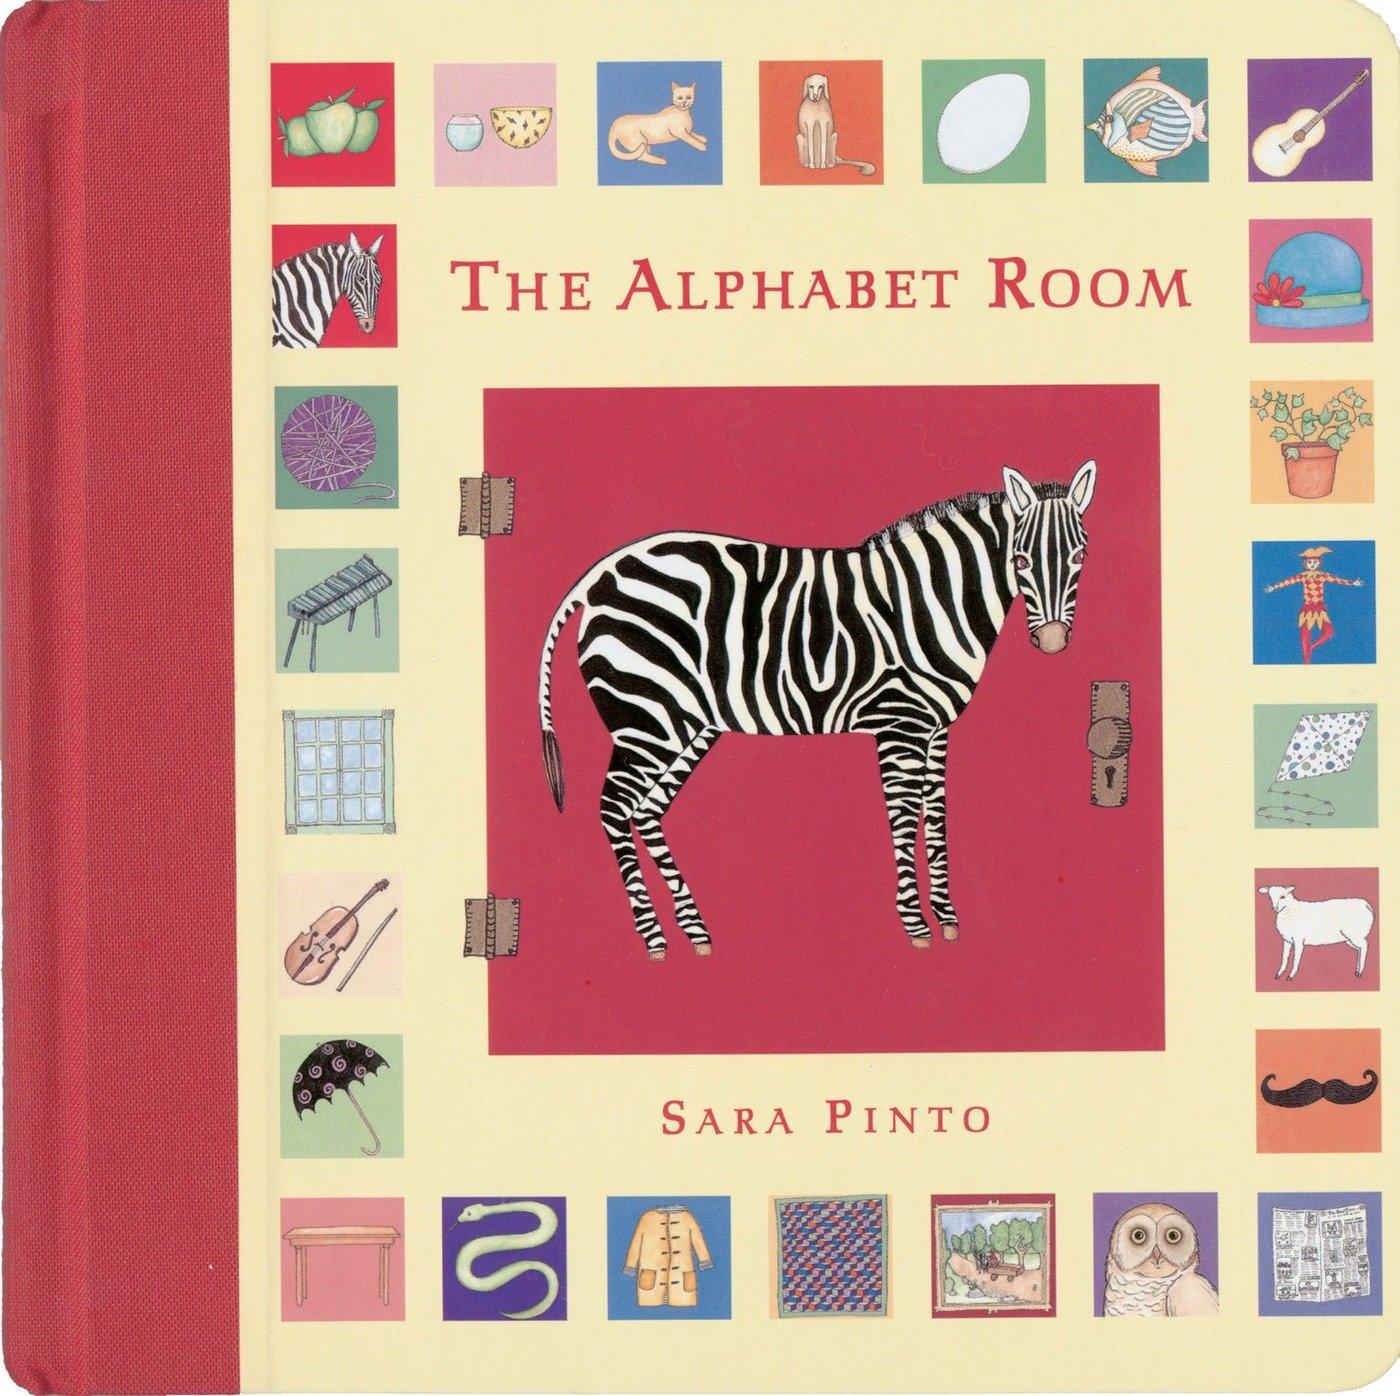 Amazon.com: The Alphabet Room (9781582348414): Sara Pinto: Books